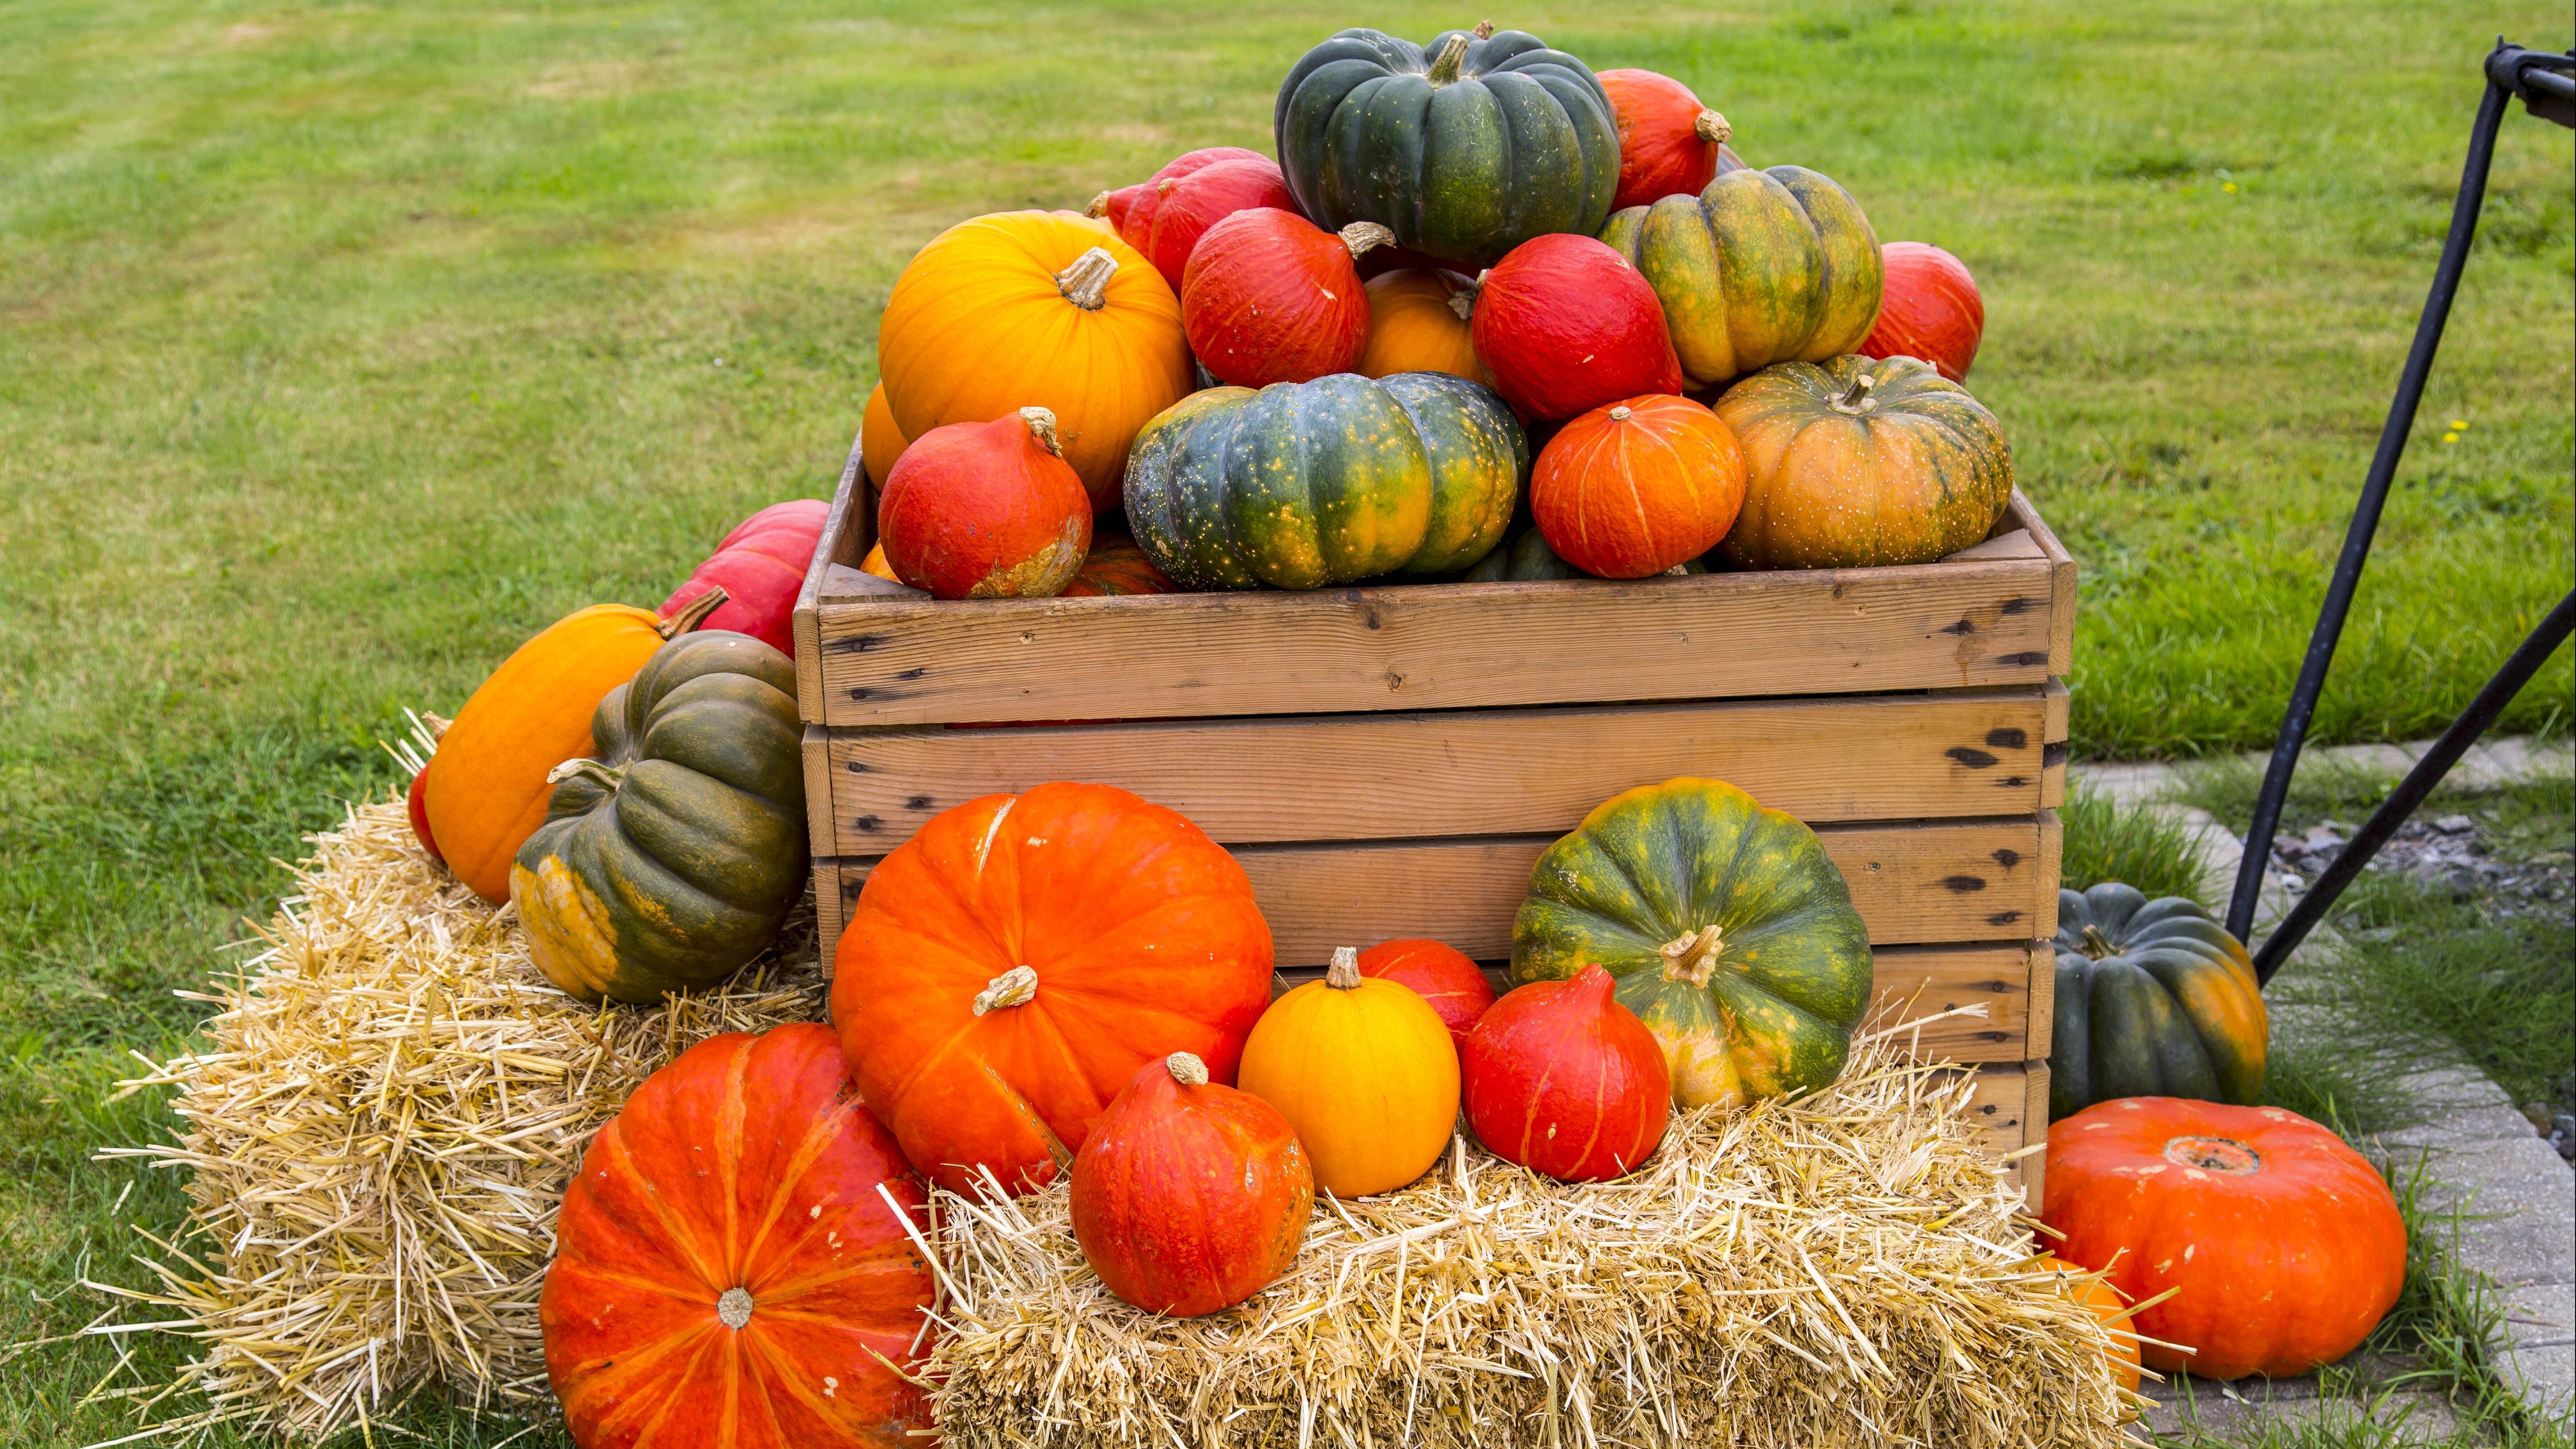 Redewendungen und Sprichwörter zum Herbst gibt es viele.